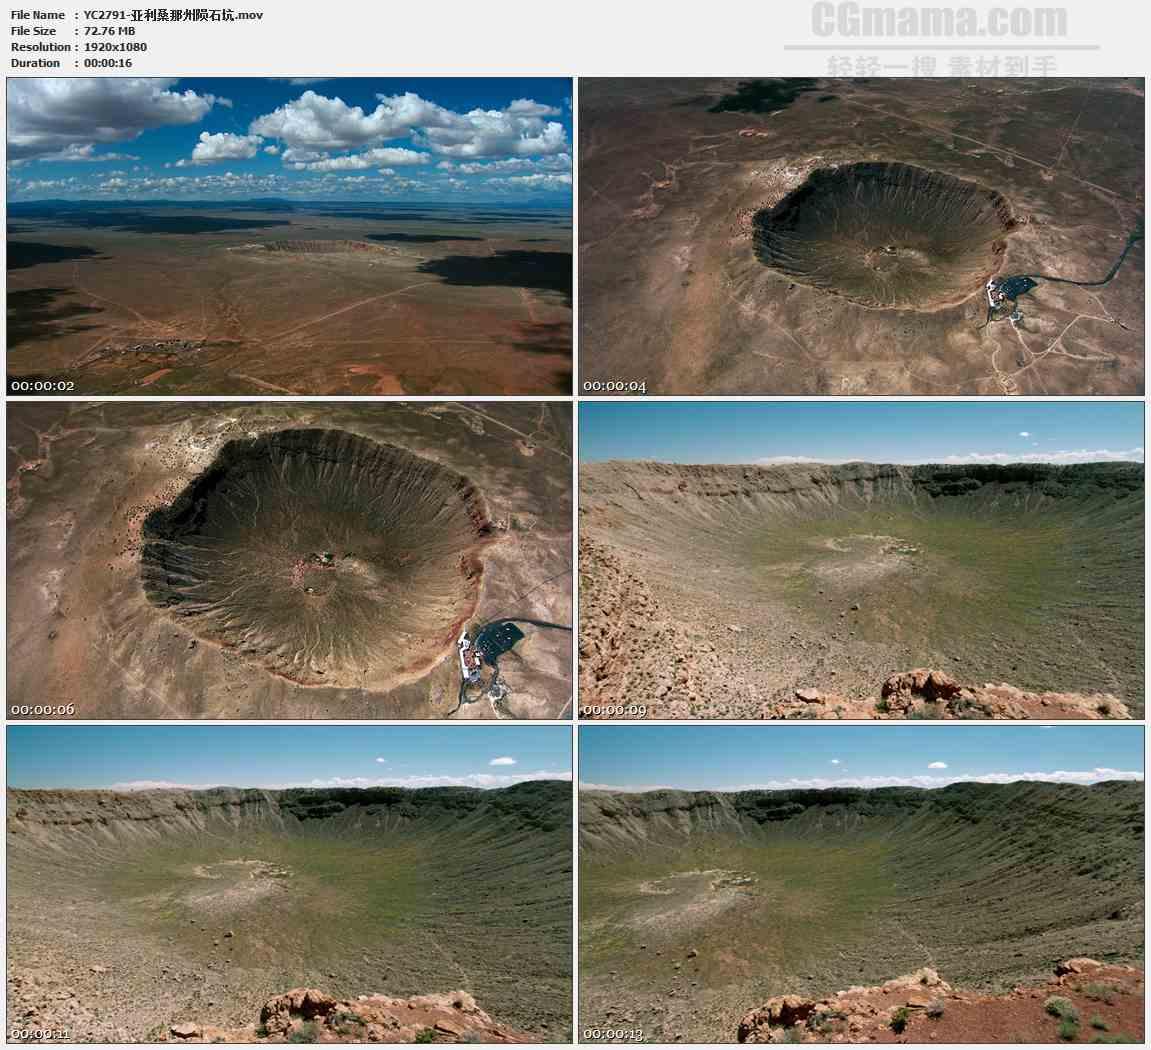 YC2791-亚利桑那州陨石坑高清实拍视频素材